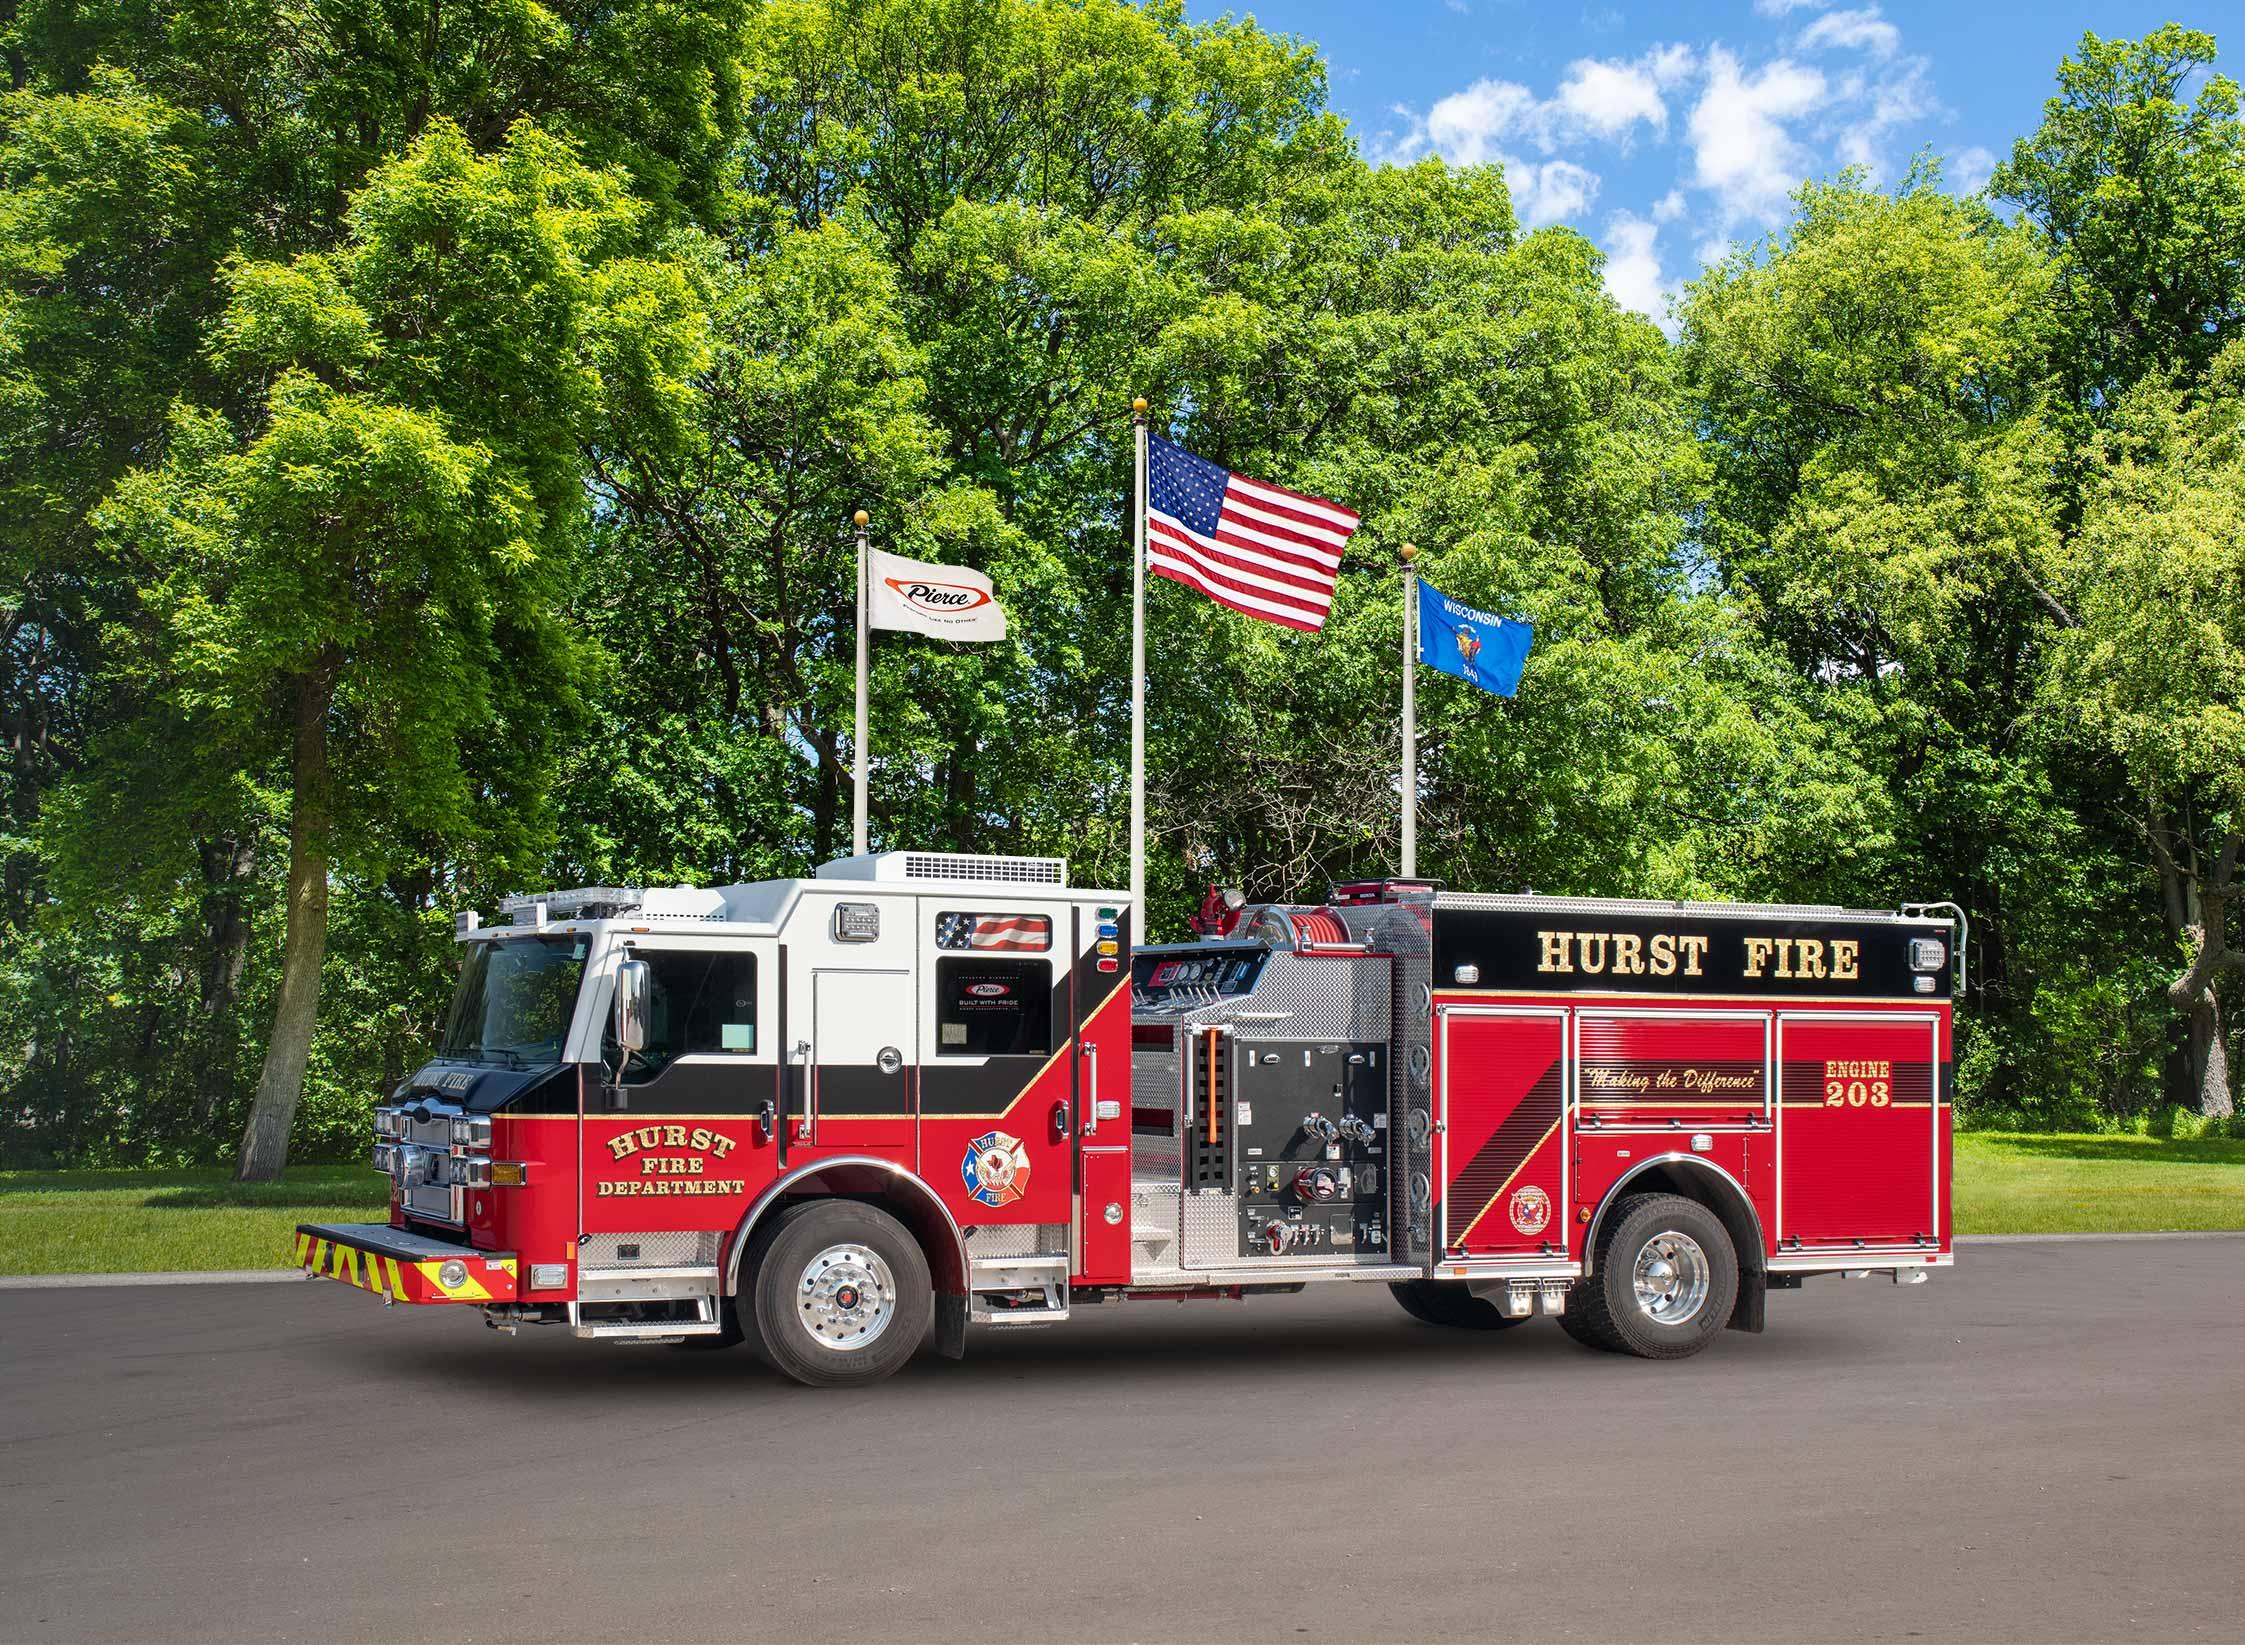 Hurst Fire Department - Pumper